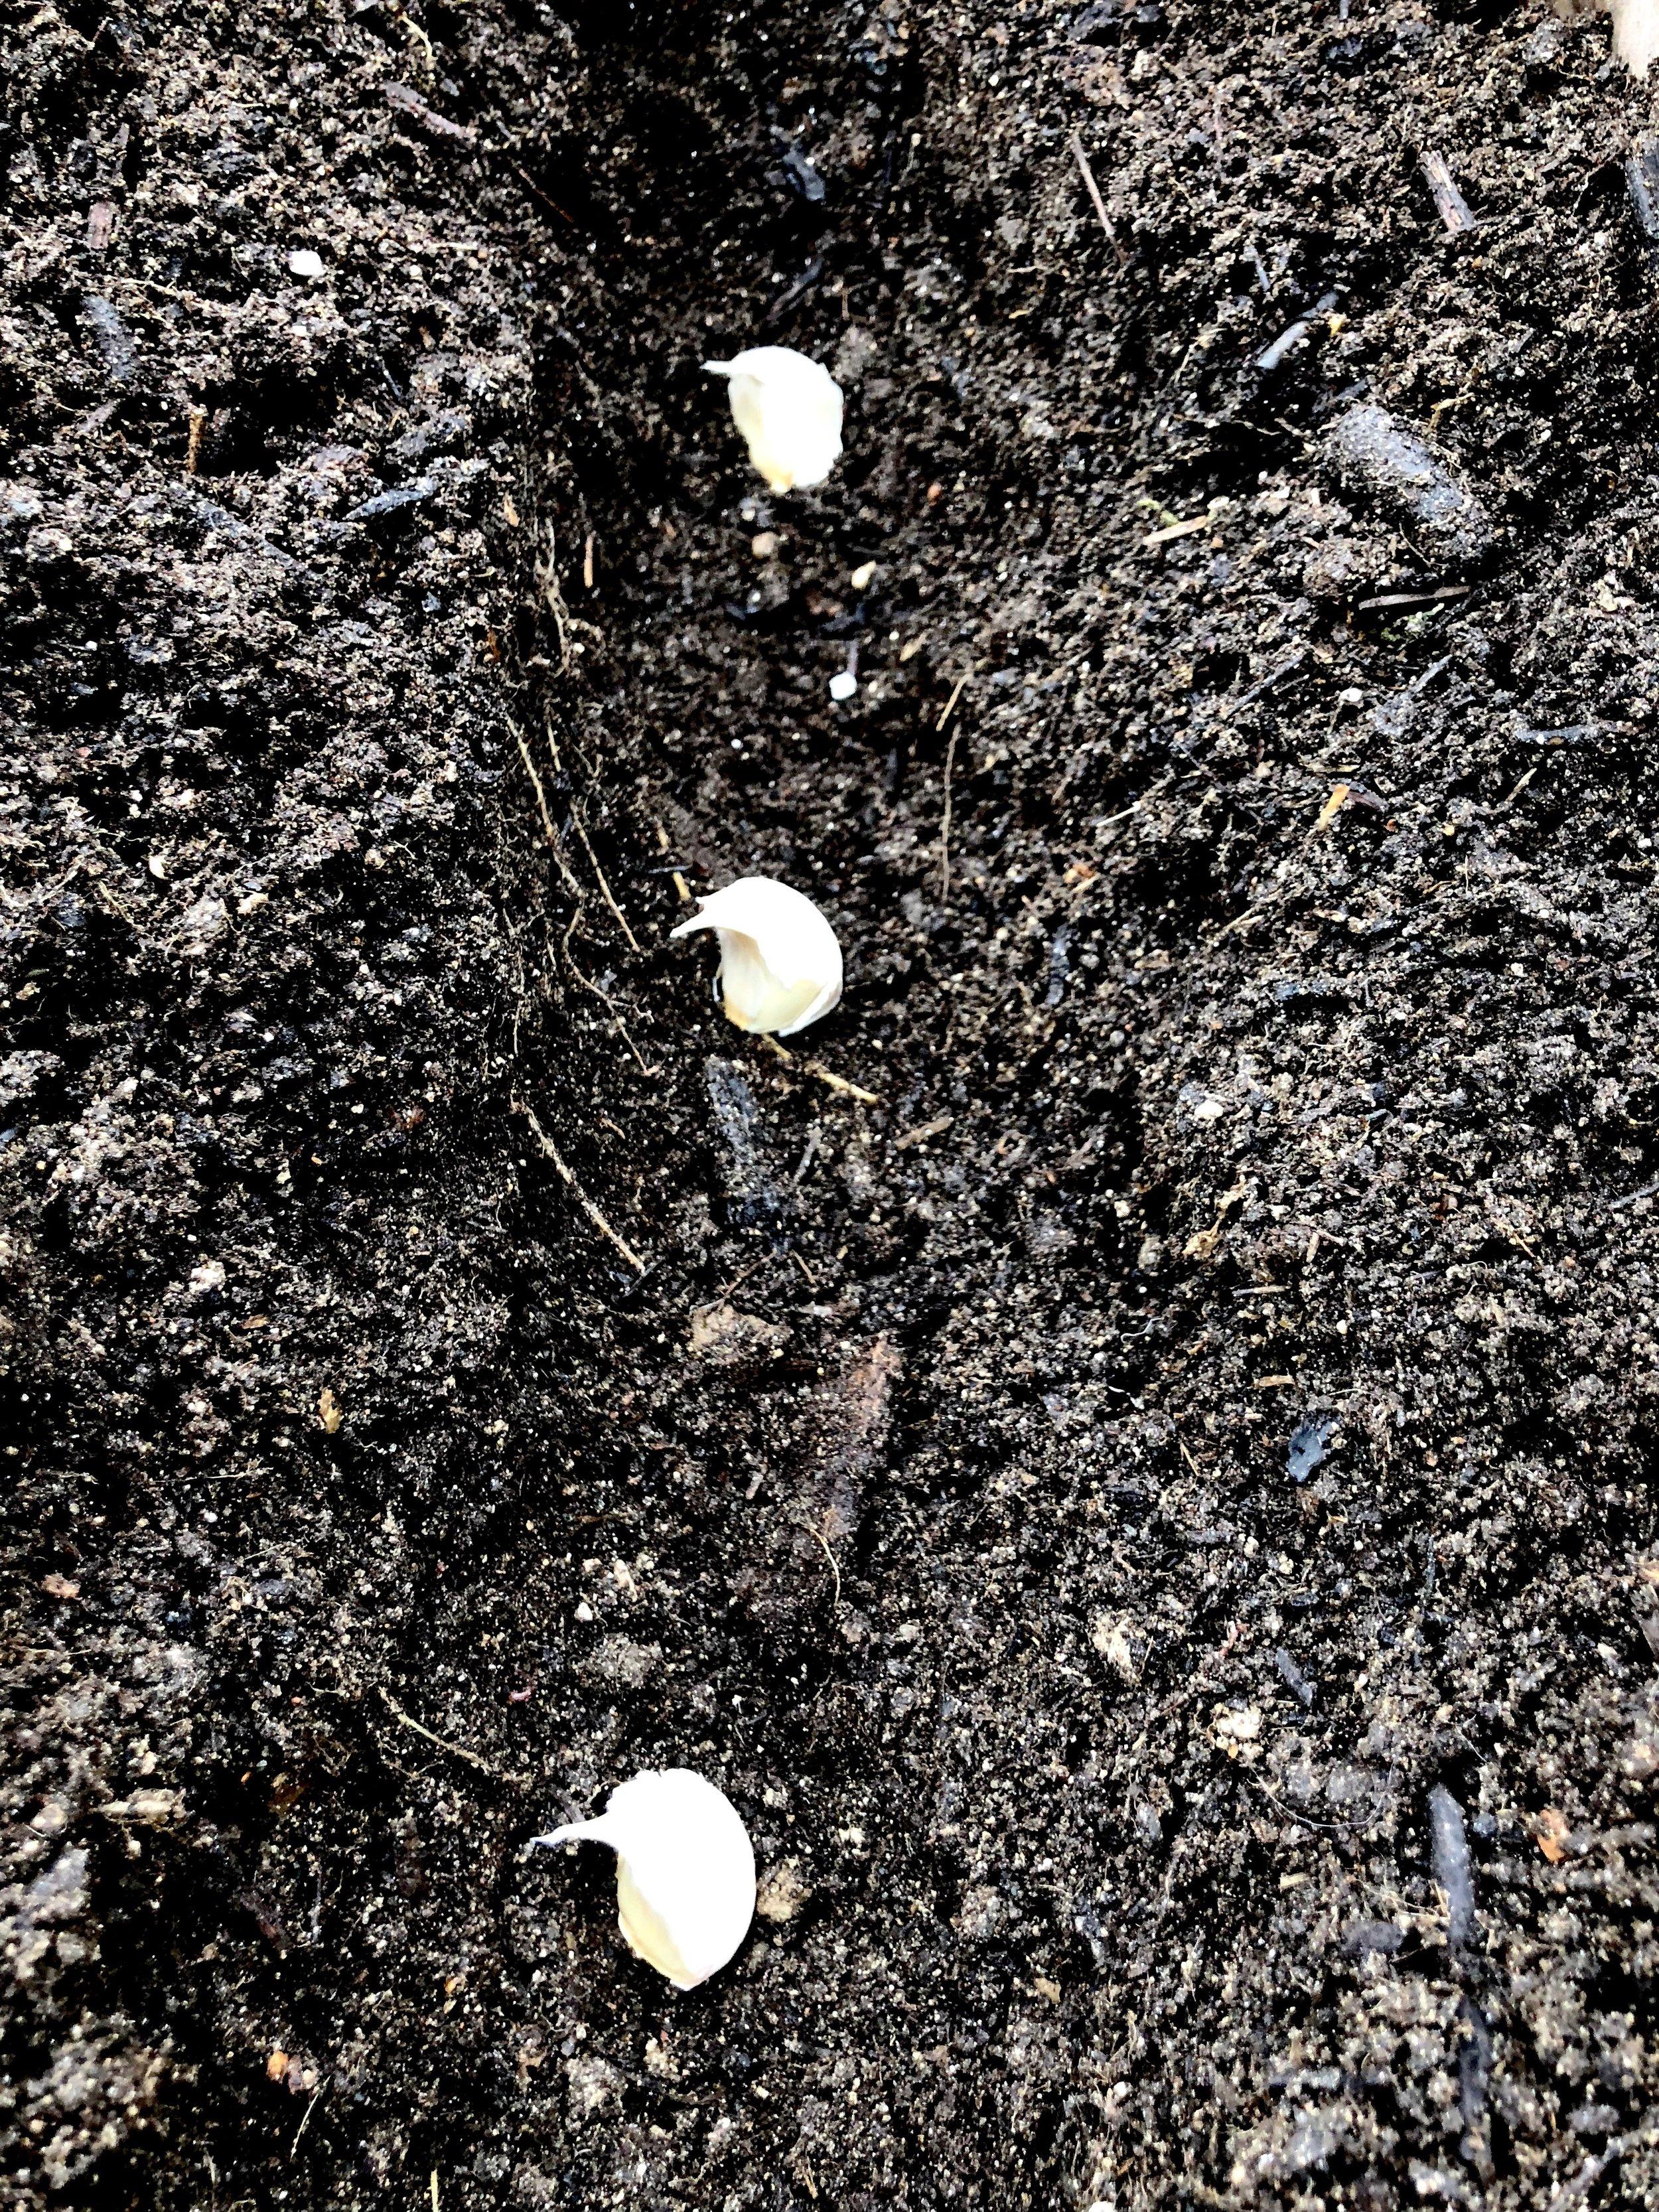 De små fed er klar til at arbejde. De slår rødder, når temperaturen kommer under 8° C. Derfor skal løgene sættes 6–8 uger før første rigtige frost, som jo kan være svært at forudsige, men her omkring nu burde ikke være helt skævt. I løbet af vinteren dannes feddene, og når temperaturen igen kommer over 5° C, begynder hvidløget for alvor at vokse.